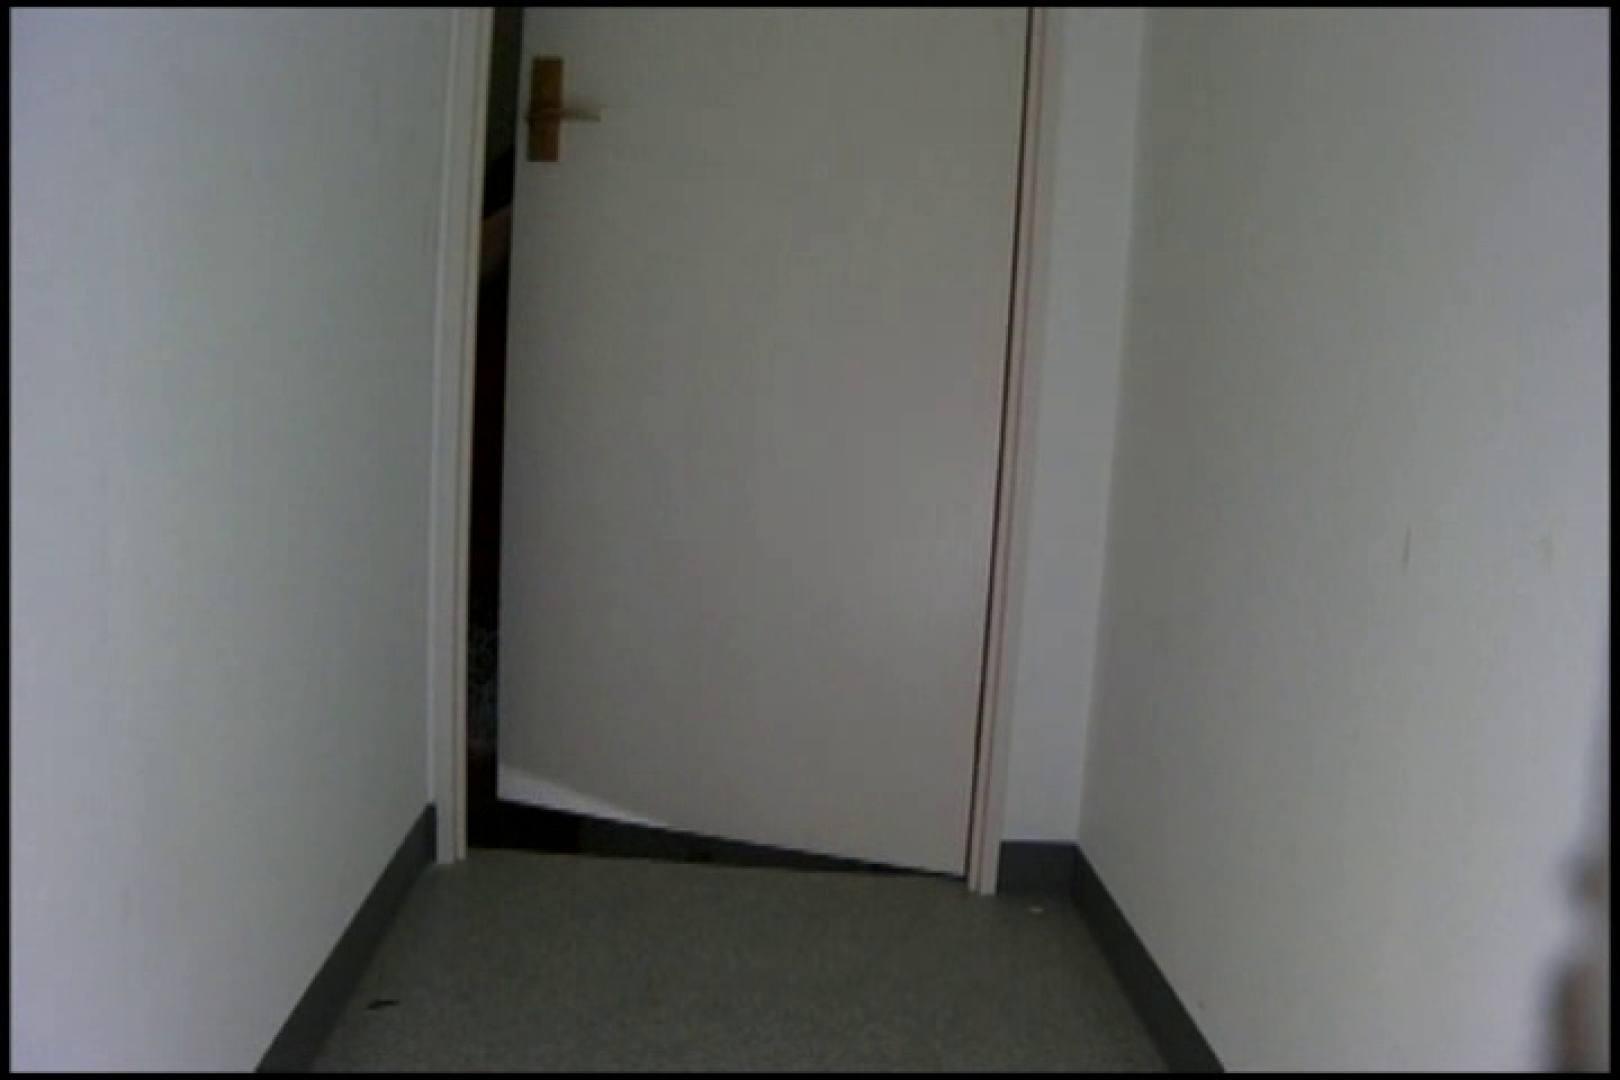 和式にまたがる女たちを待ちうけるカメラの衝撃映像vol.04 黄金水   盗撮  48pic 5